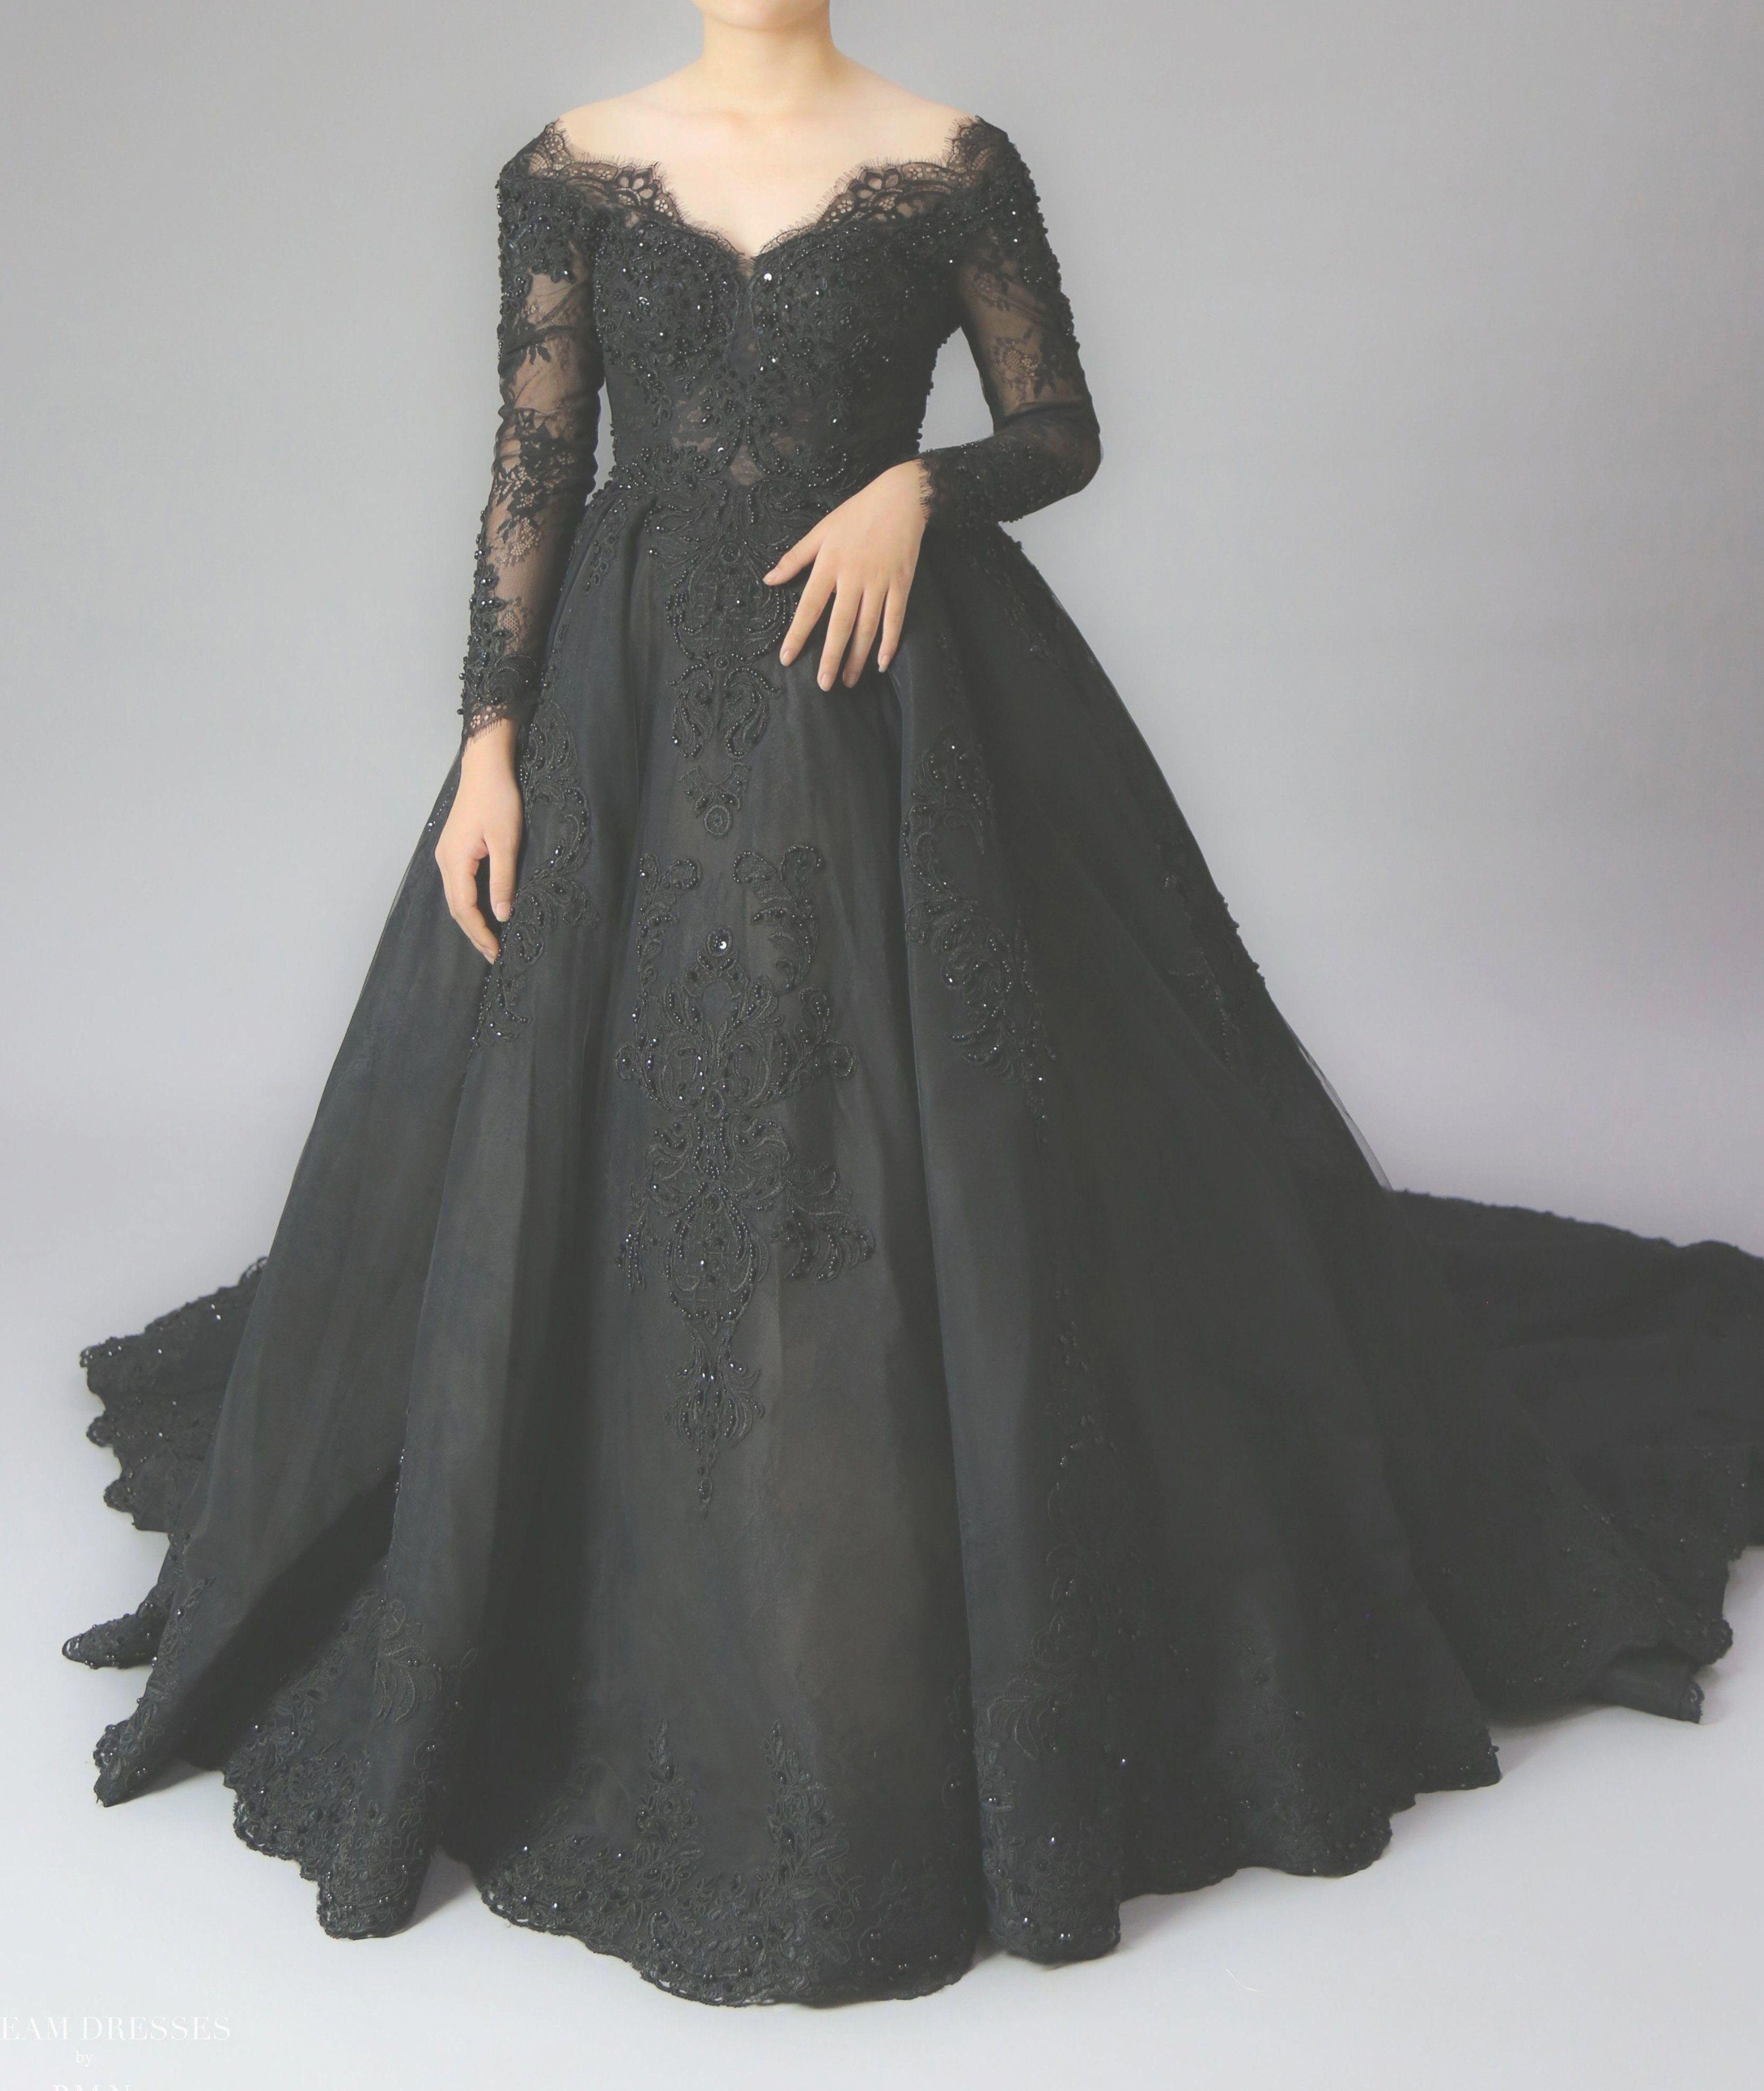 Schwarzes ballkleid brautkleid in 15  Hochzeitskleid ballkleid